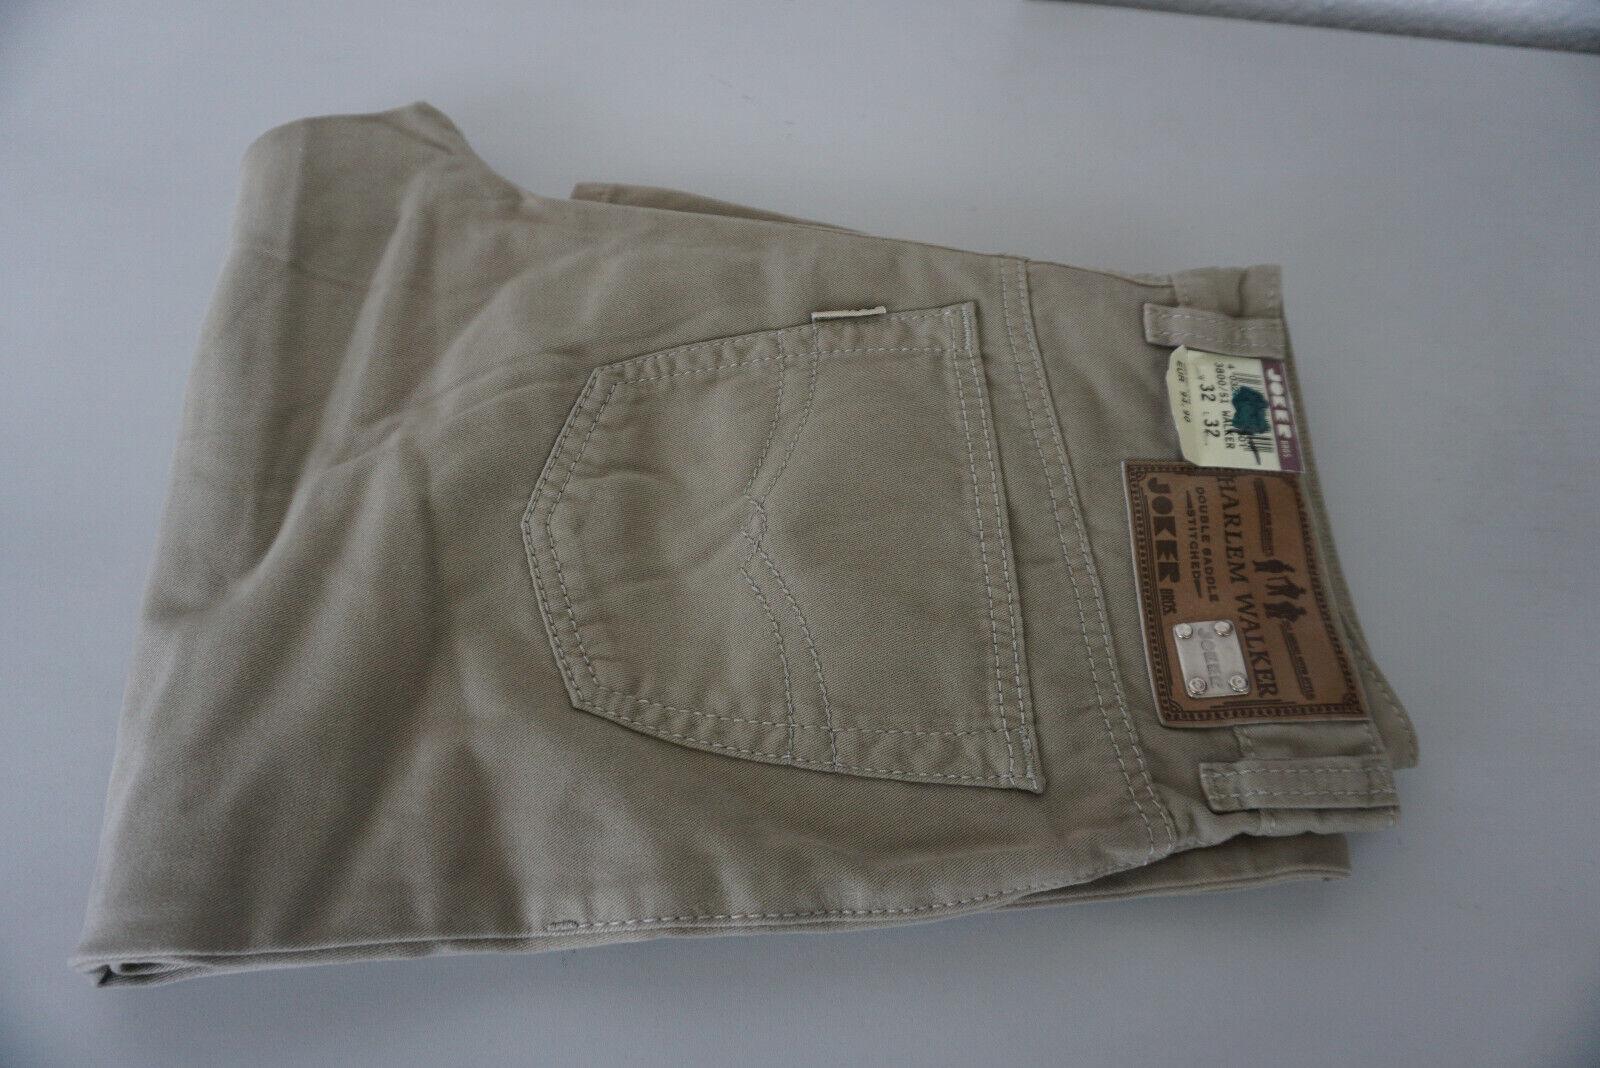 Harlem Walker By Joker Jeans Pantaloni men 32 32 W32 L32 Kaki Beige Nuovo  CX8